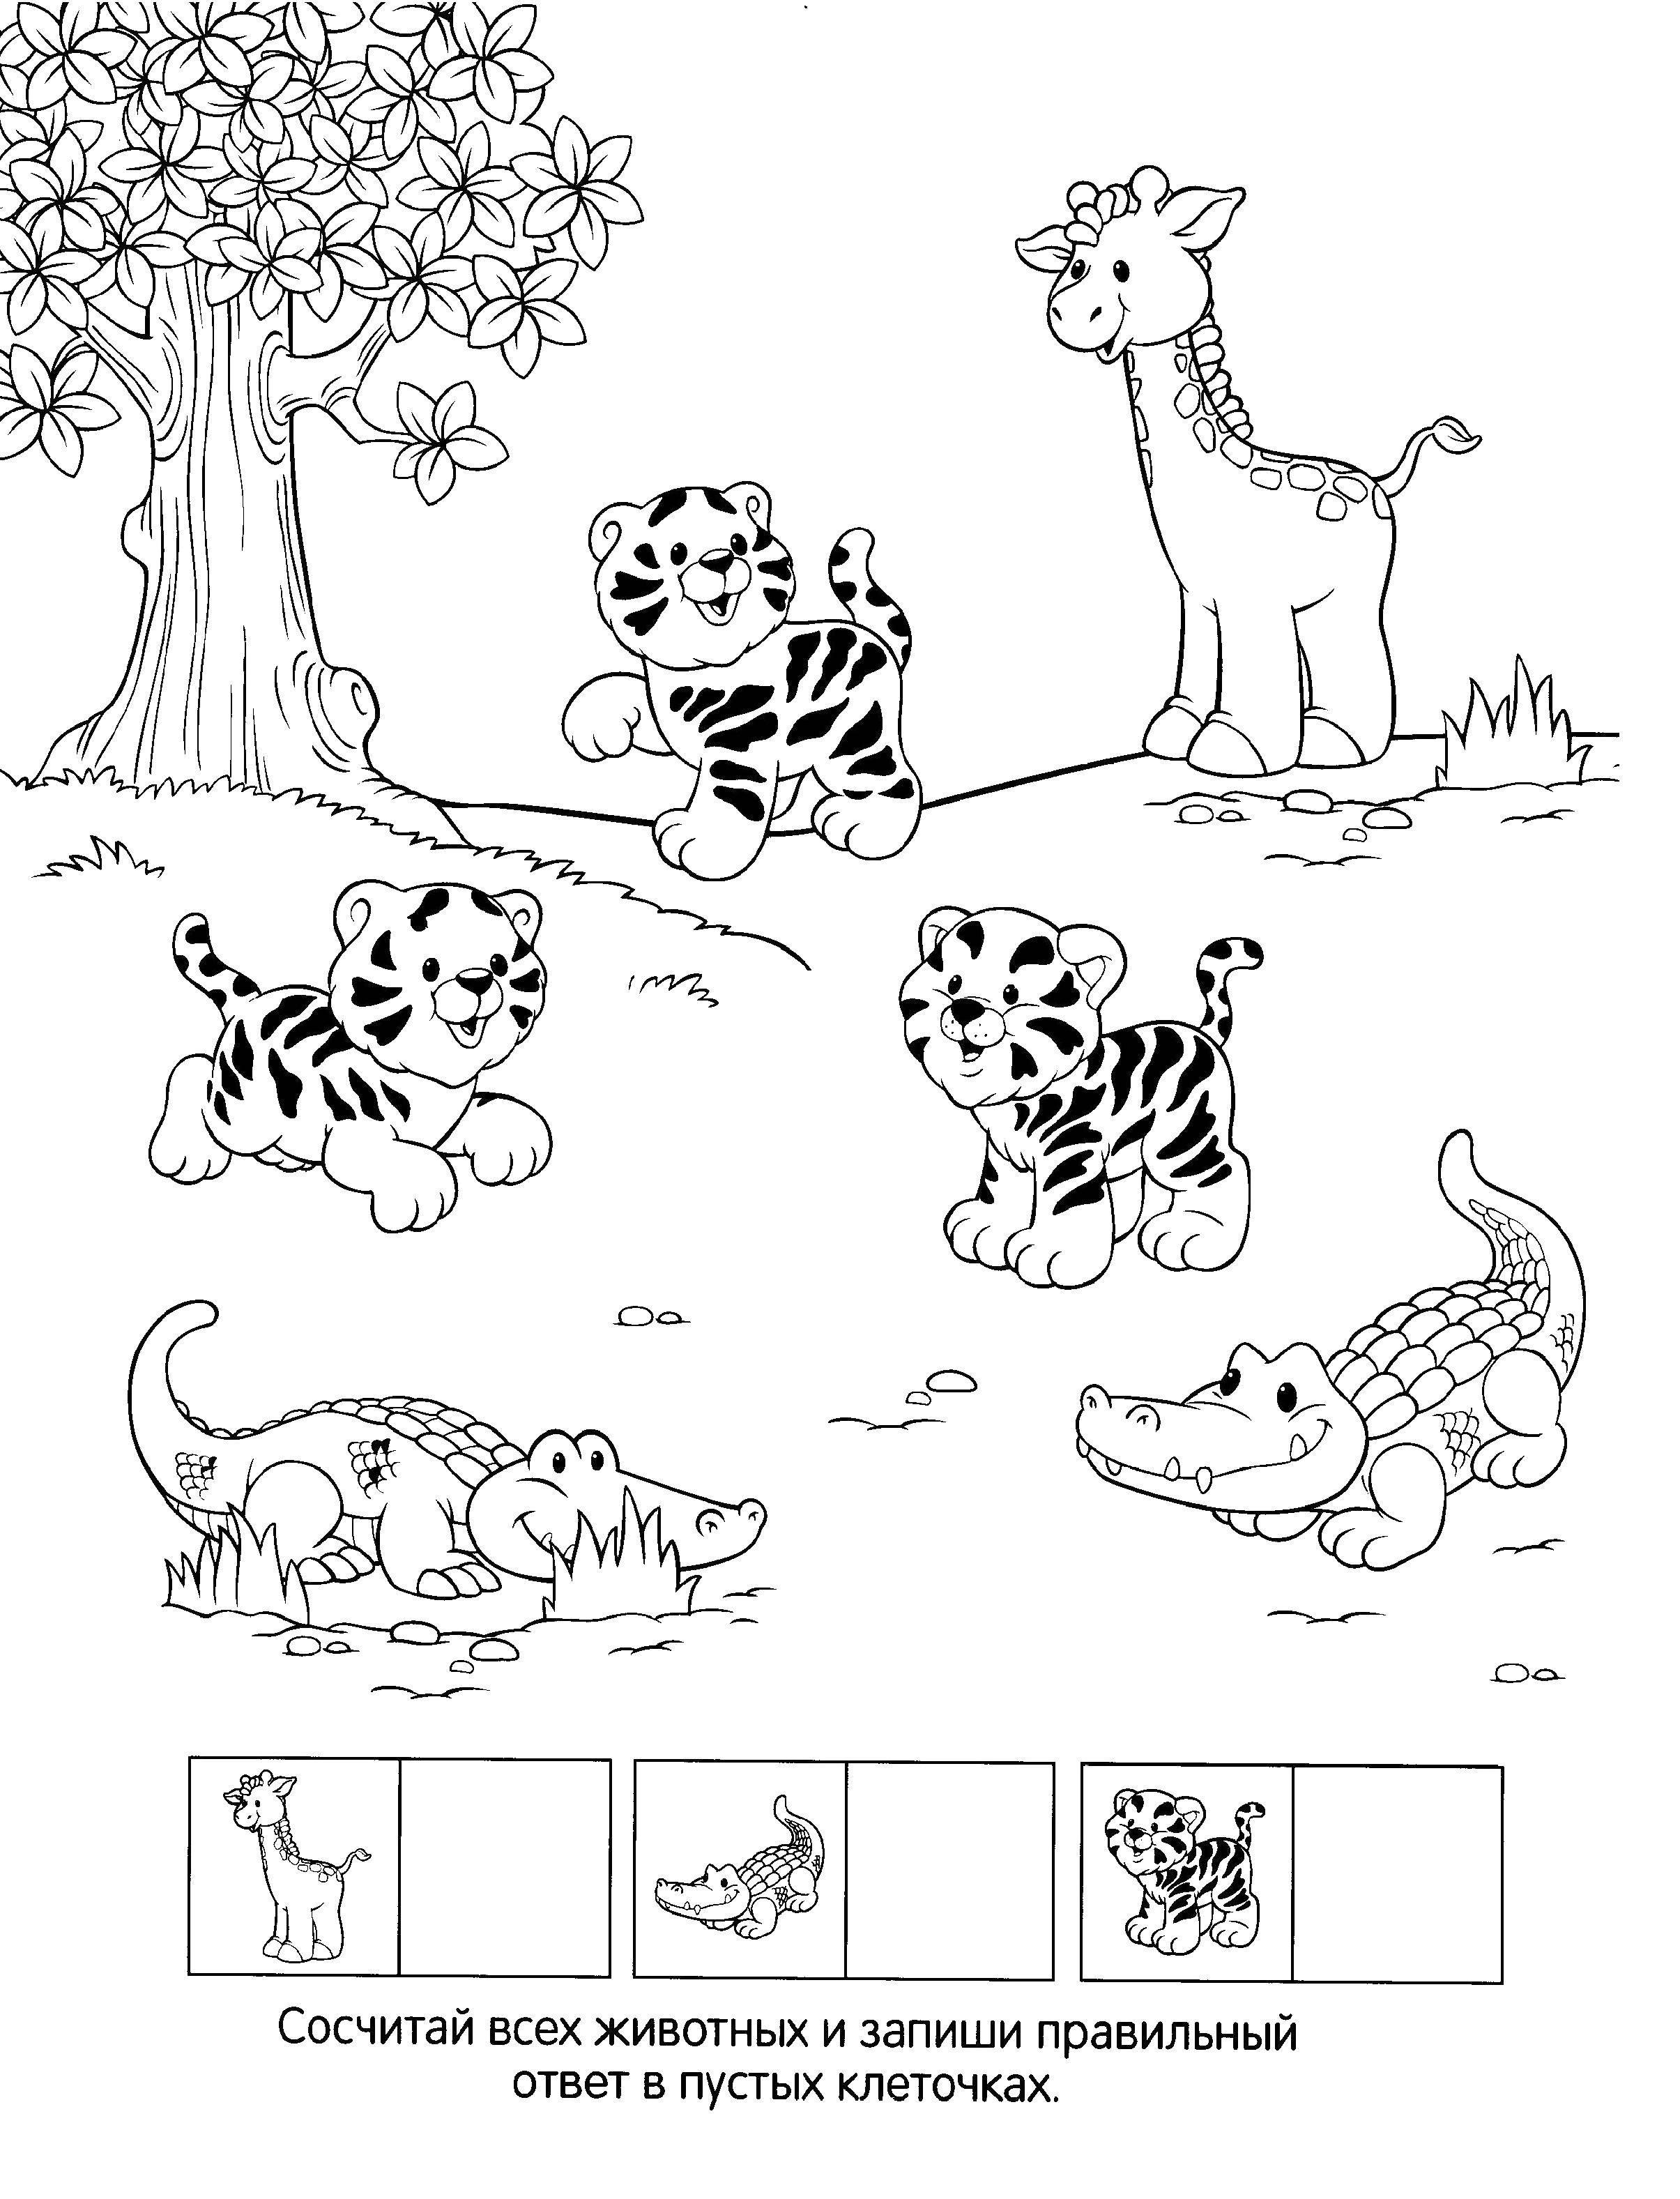 Раскраска Посчитай животных Скачать на мышление, логика, задача, загадка.  Распечатать ,на мышление,